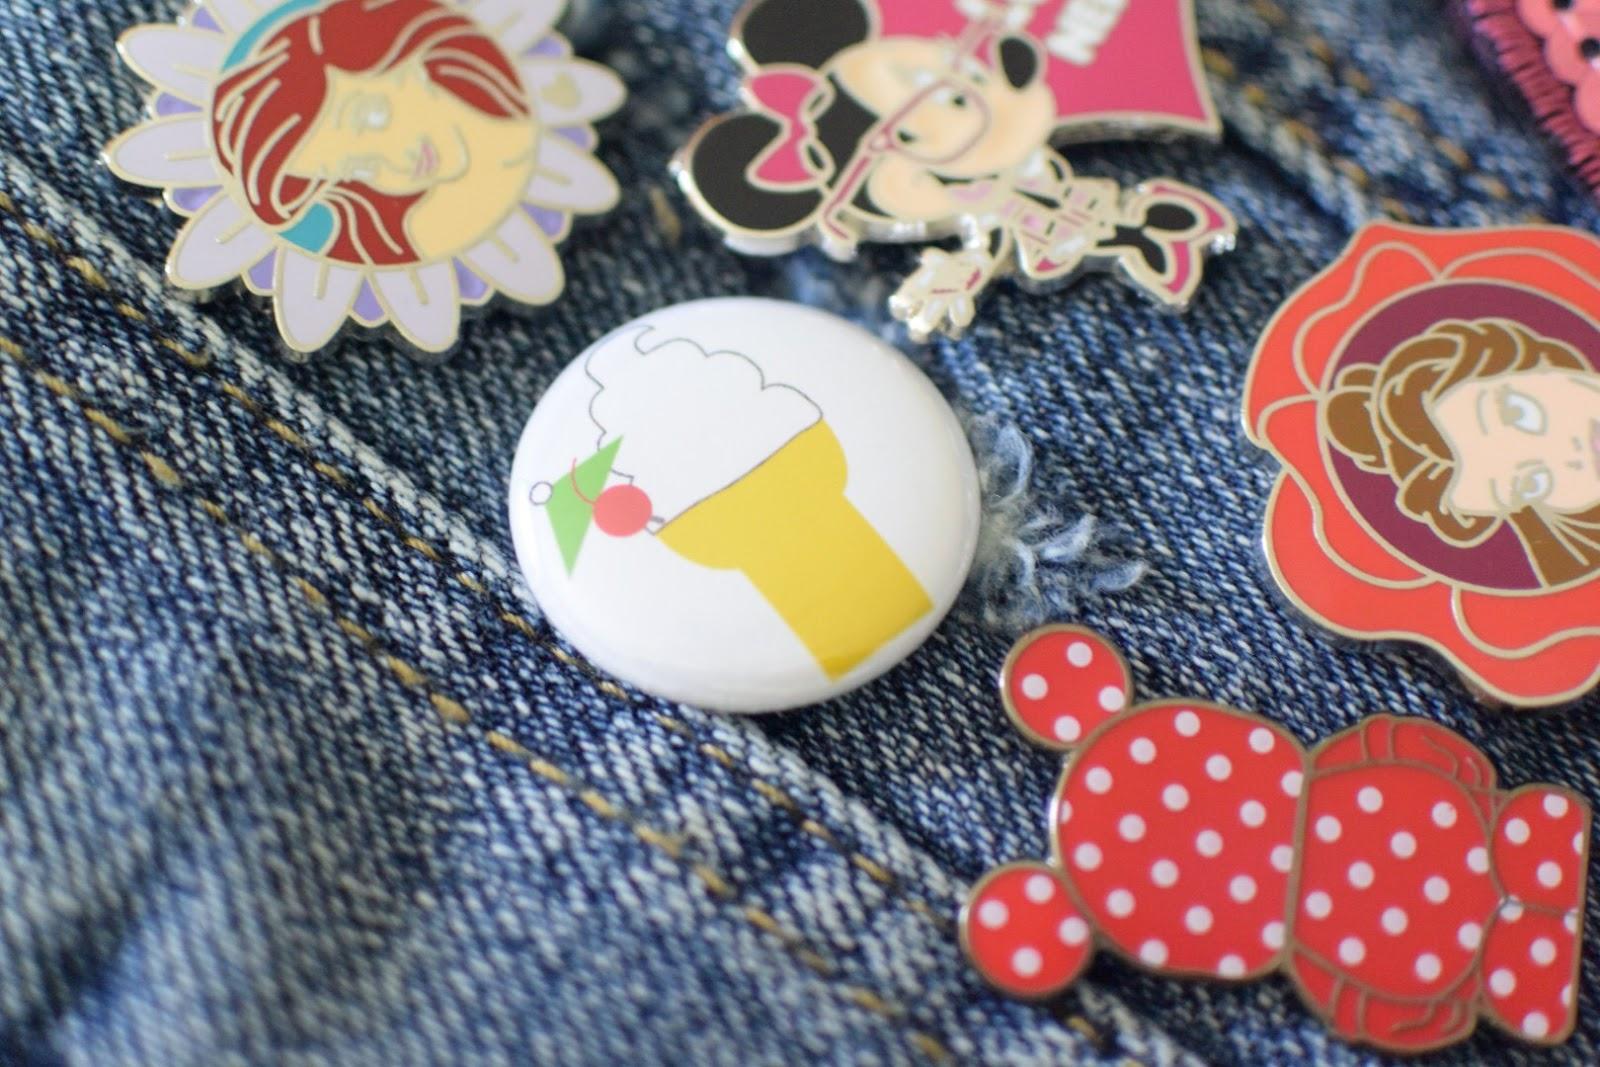 Disney Week DIY - Make Your Own Embellished Patch & Pin